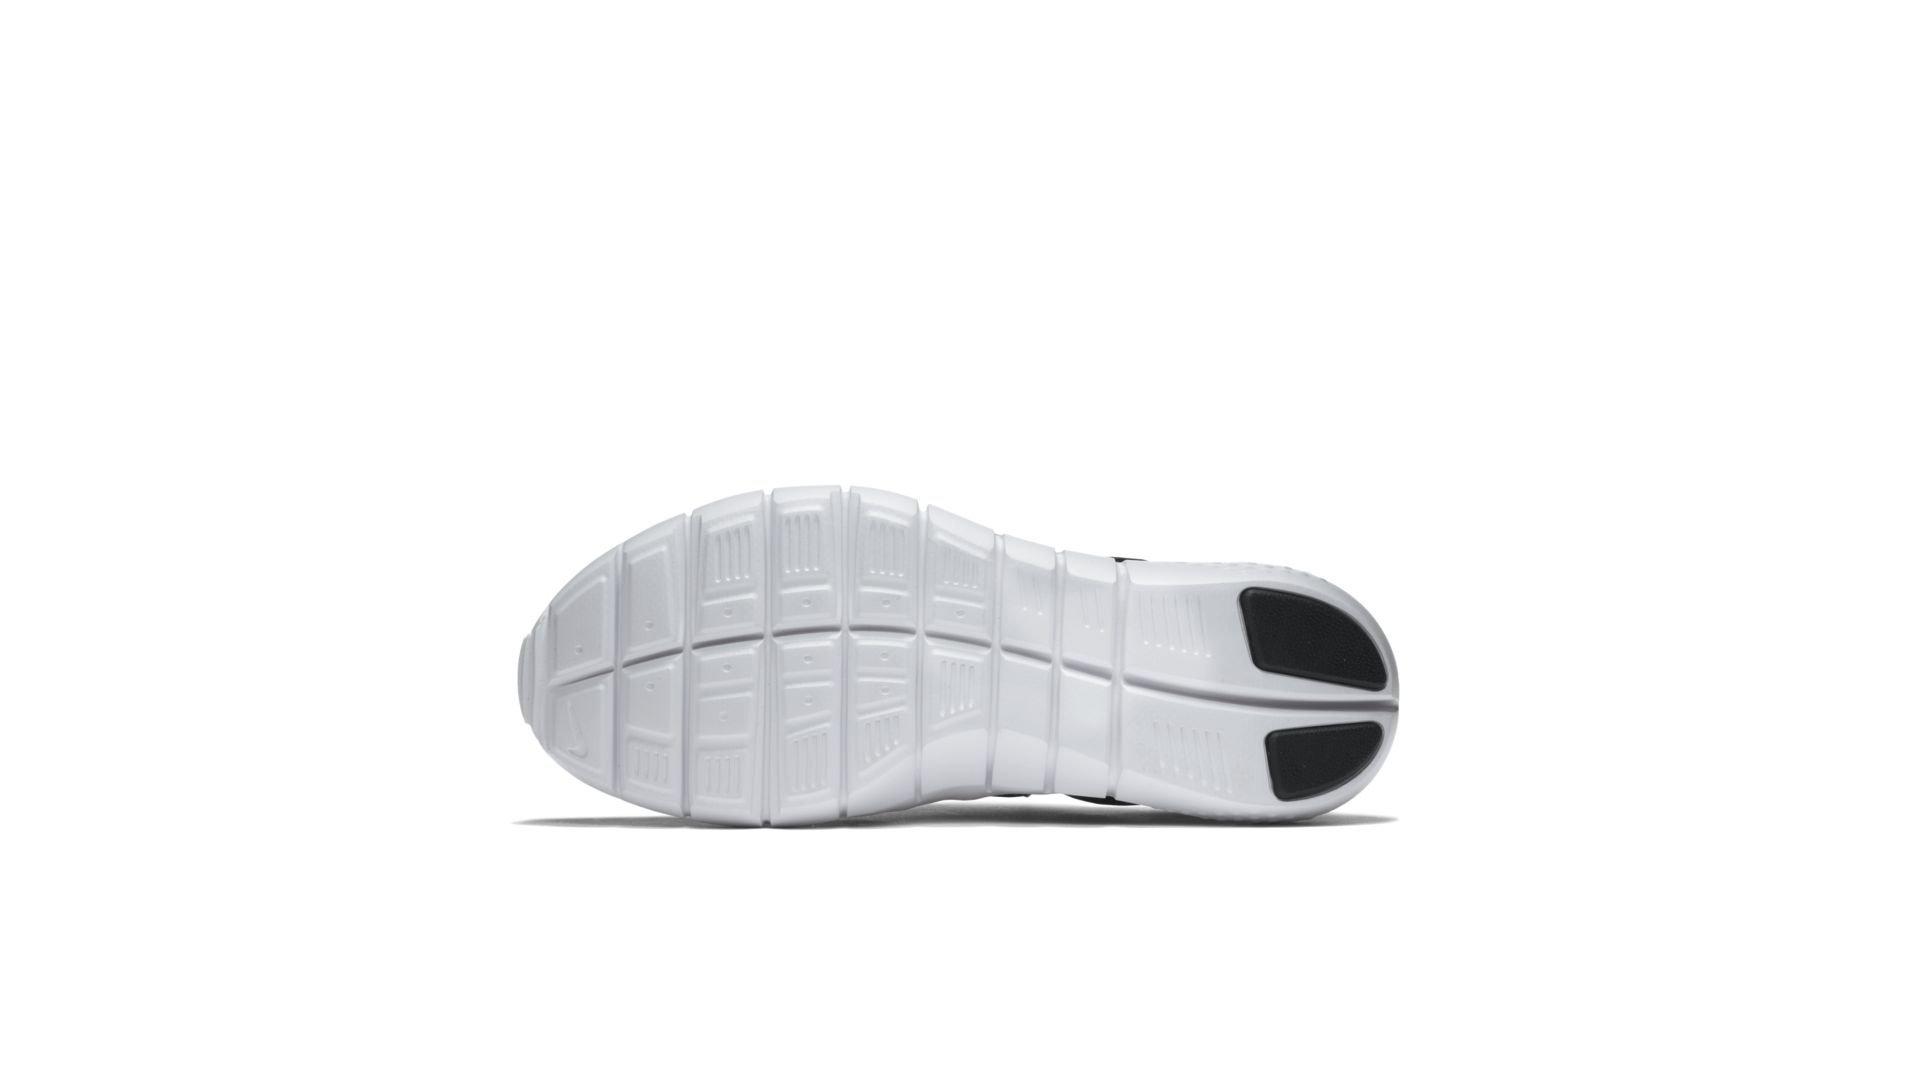 Nike Air Huarache NM Radiant Emerald (705159-305)